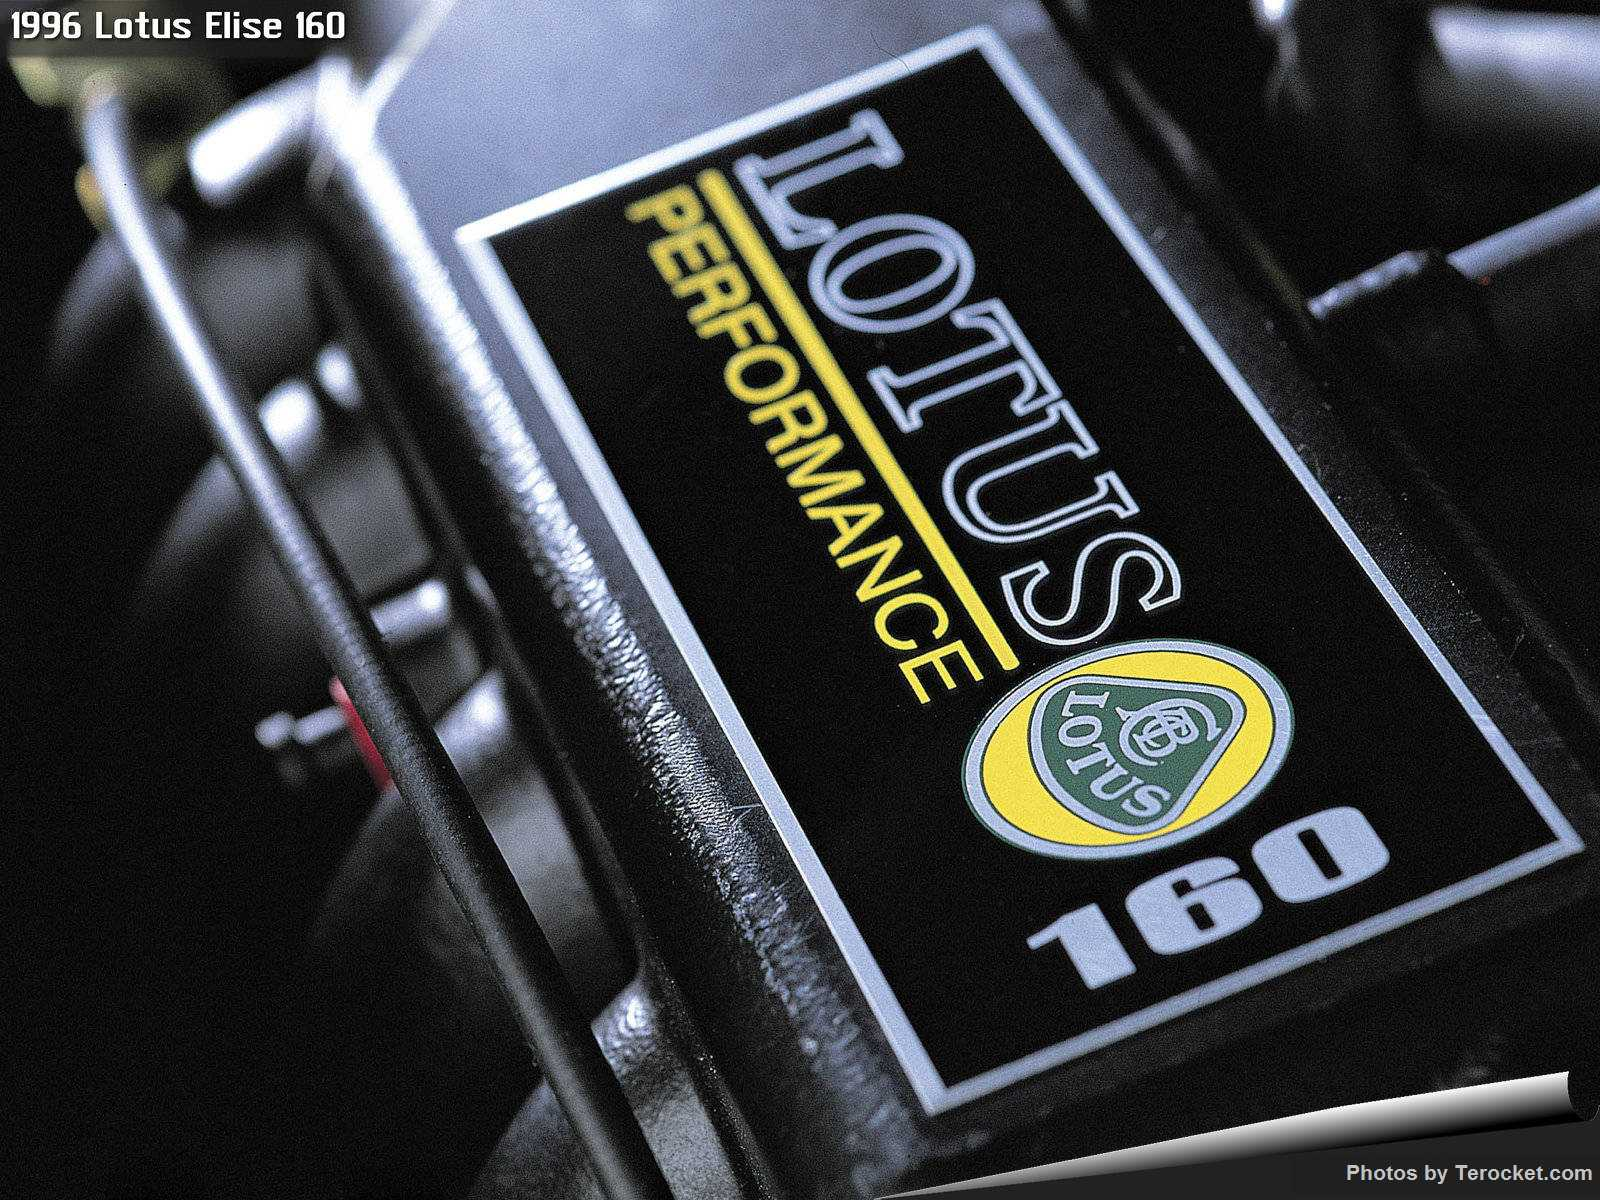 Hình ảnh siêu xe Lotus Elise 160 1996 & nội ngoại thất